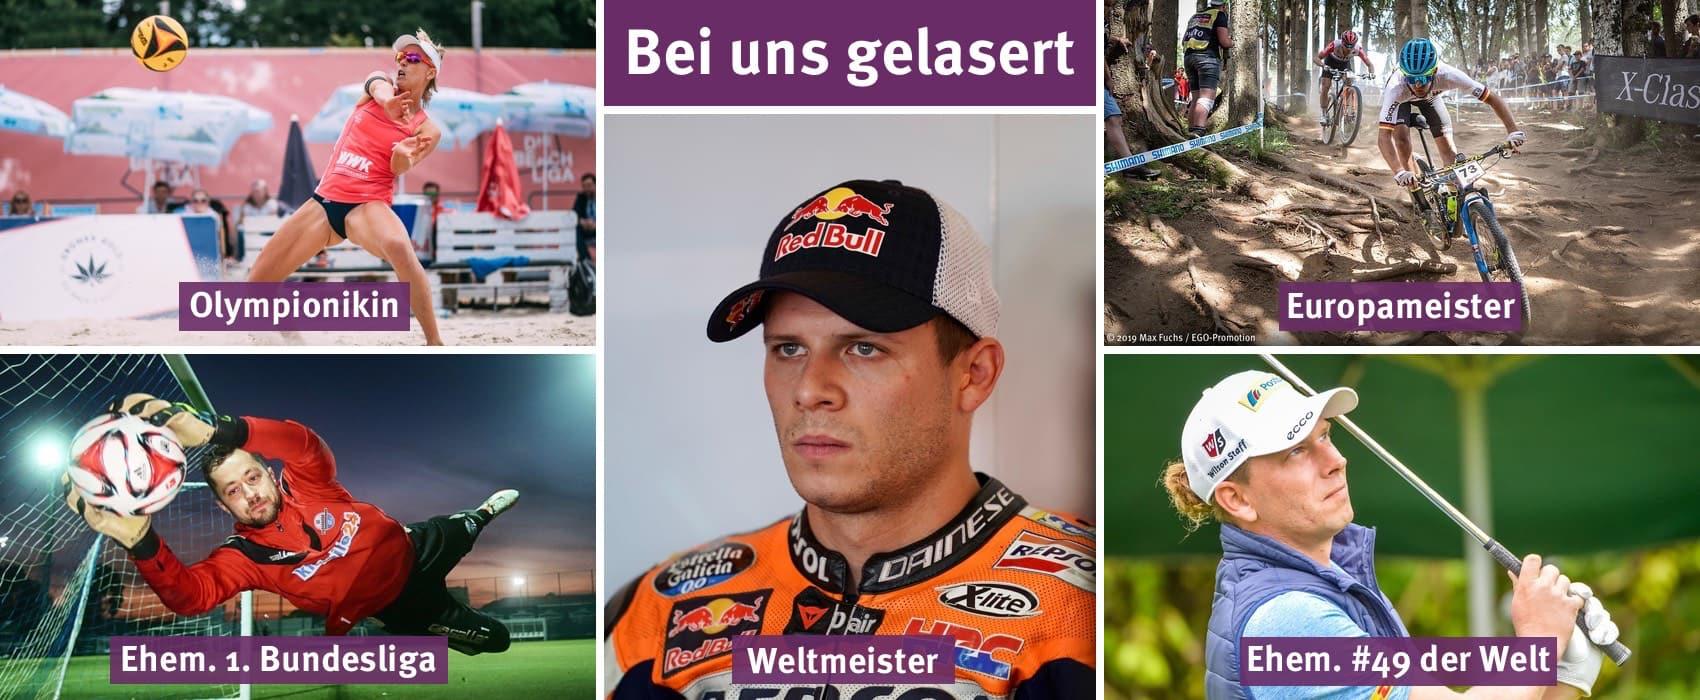 Fotocollage mit Fotos von prominenten Sportlern. Darüber die Überschrift